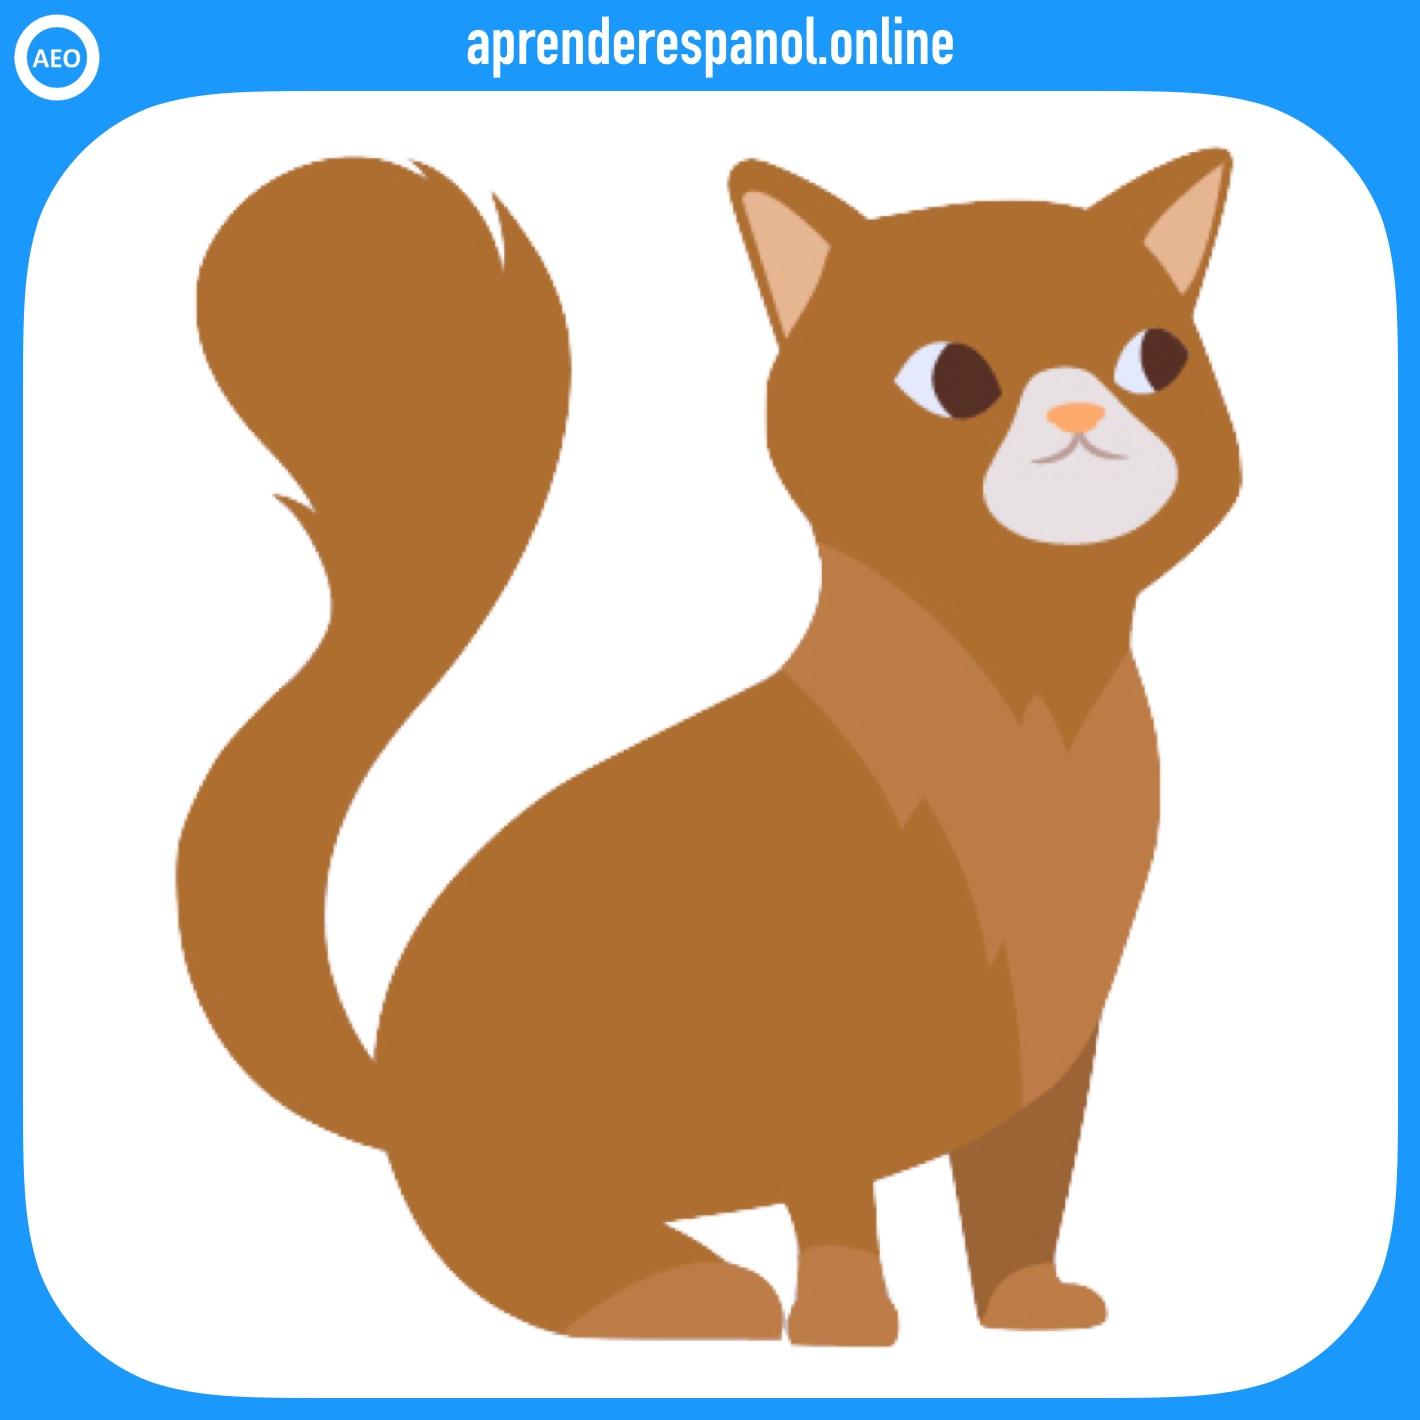 gato | animales en español | vocabulario de los animales en español